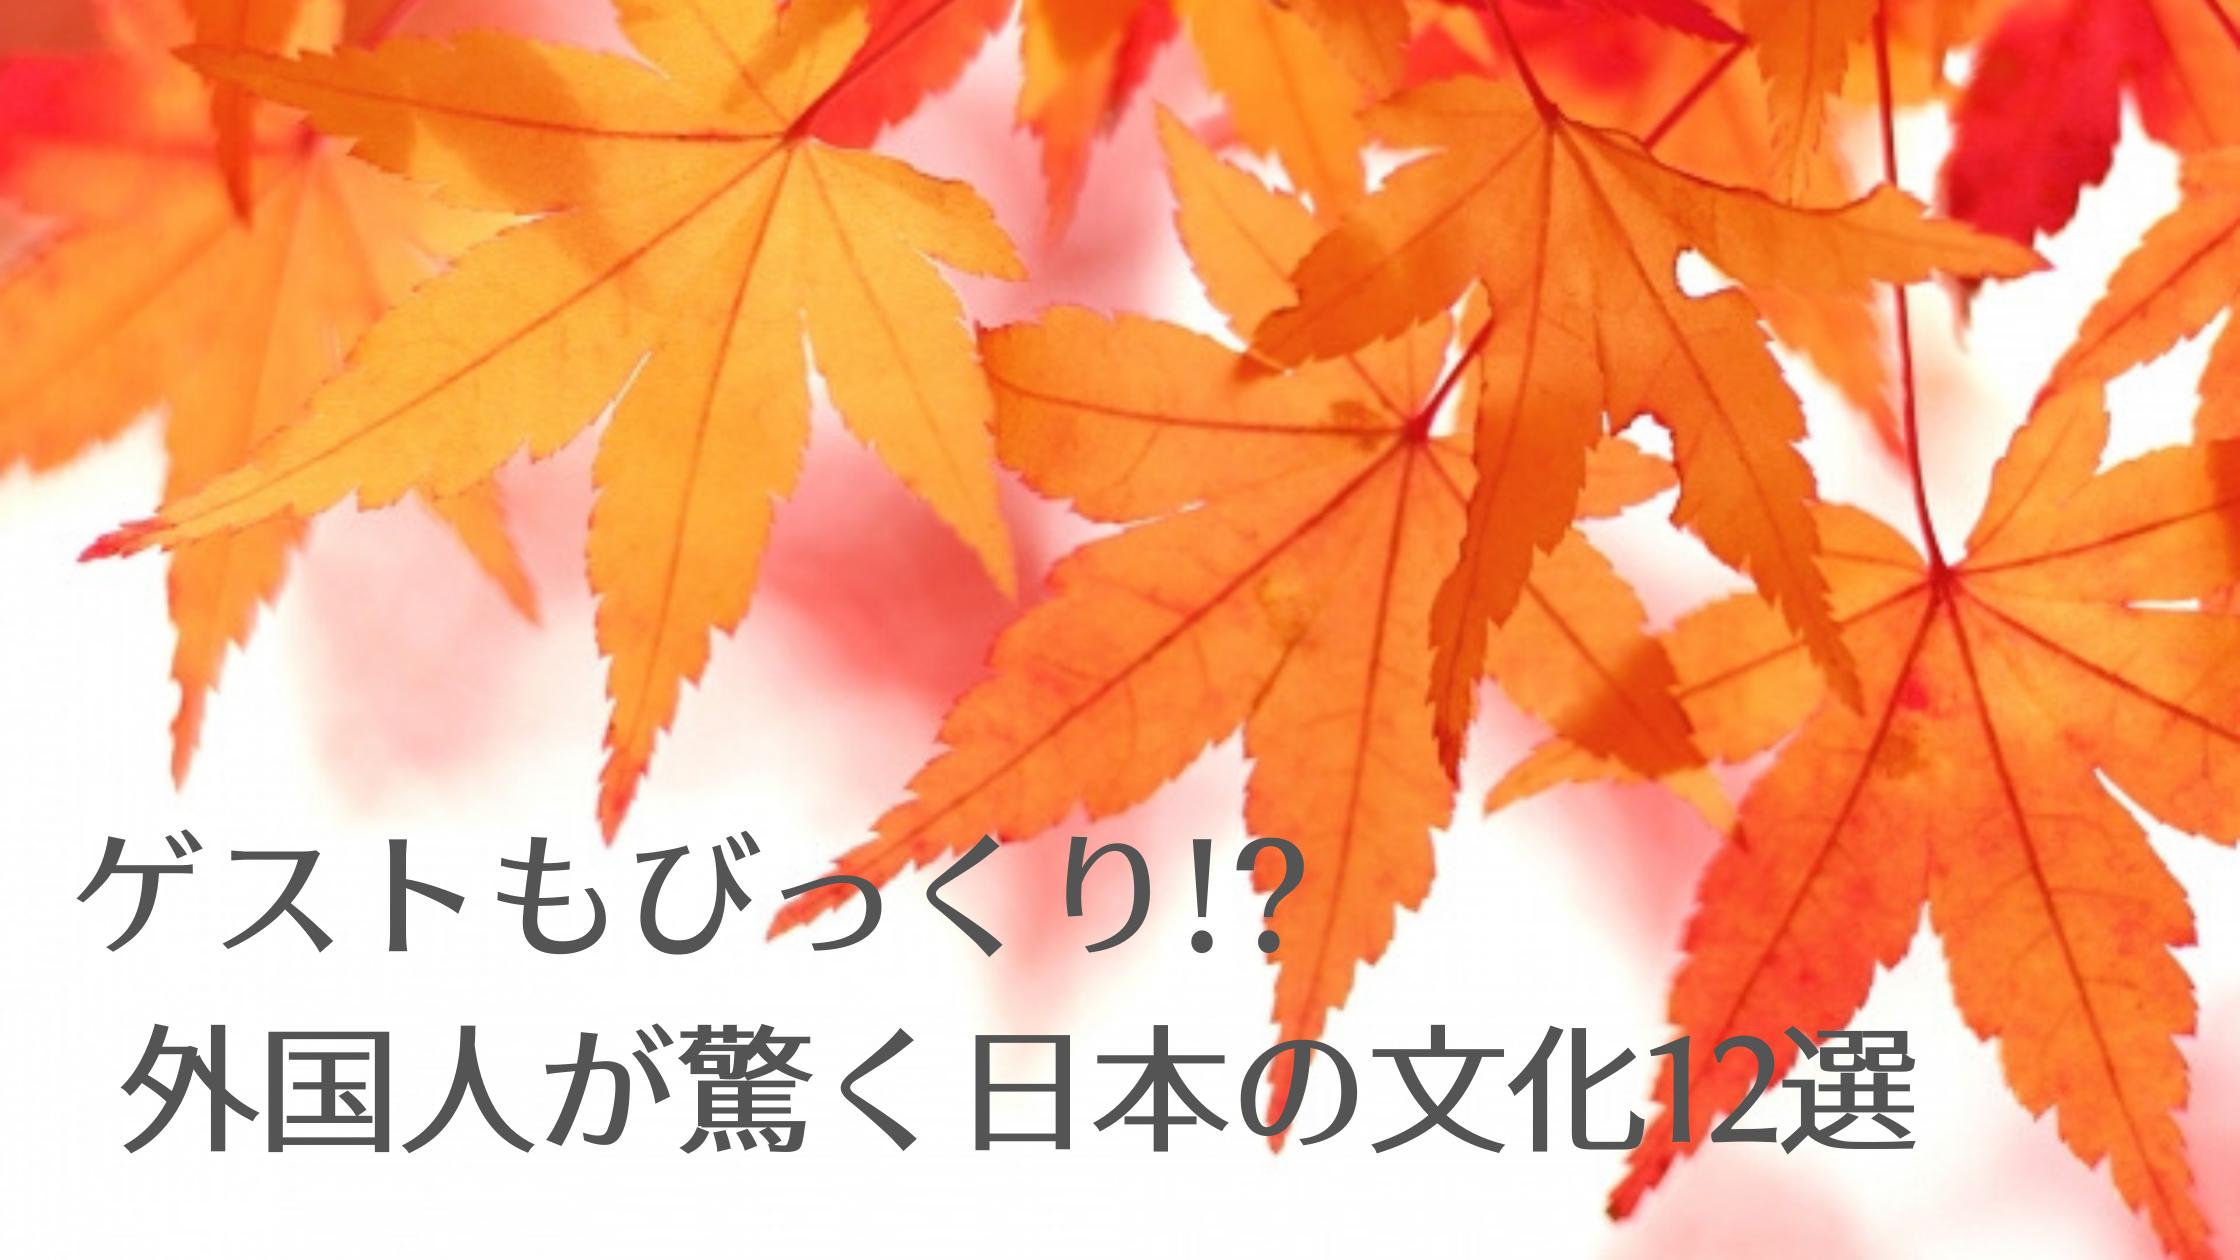 ゲストもびっくり! 外国人が驚く日本の文化12選